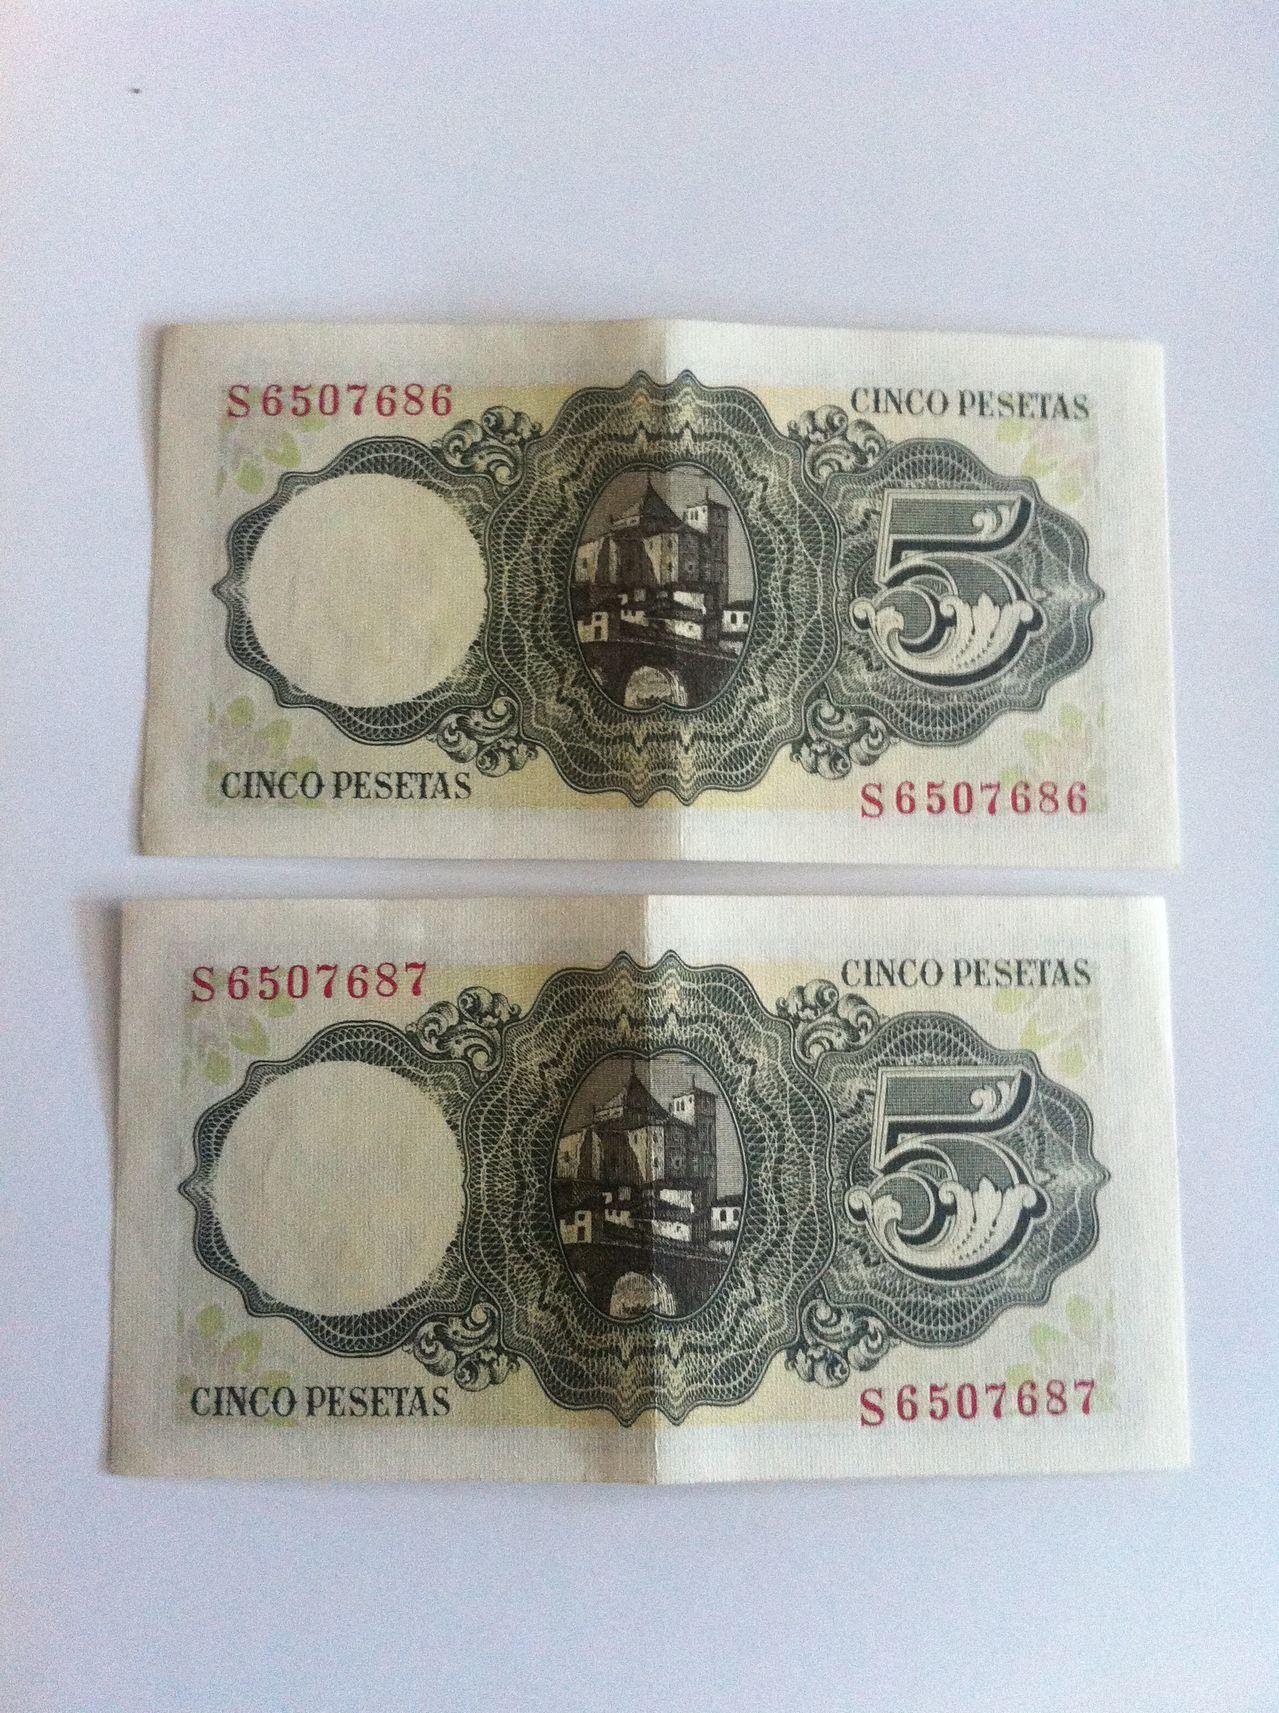 Ayuda para valorar coleccion de billetes IMG_4957